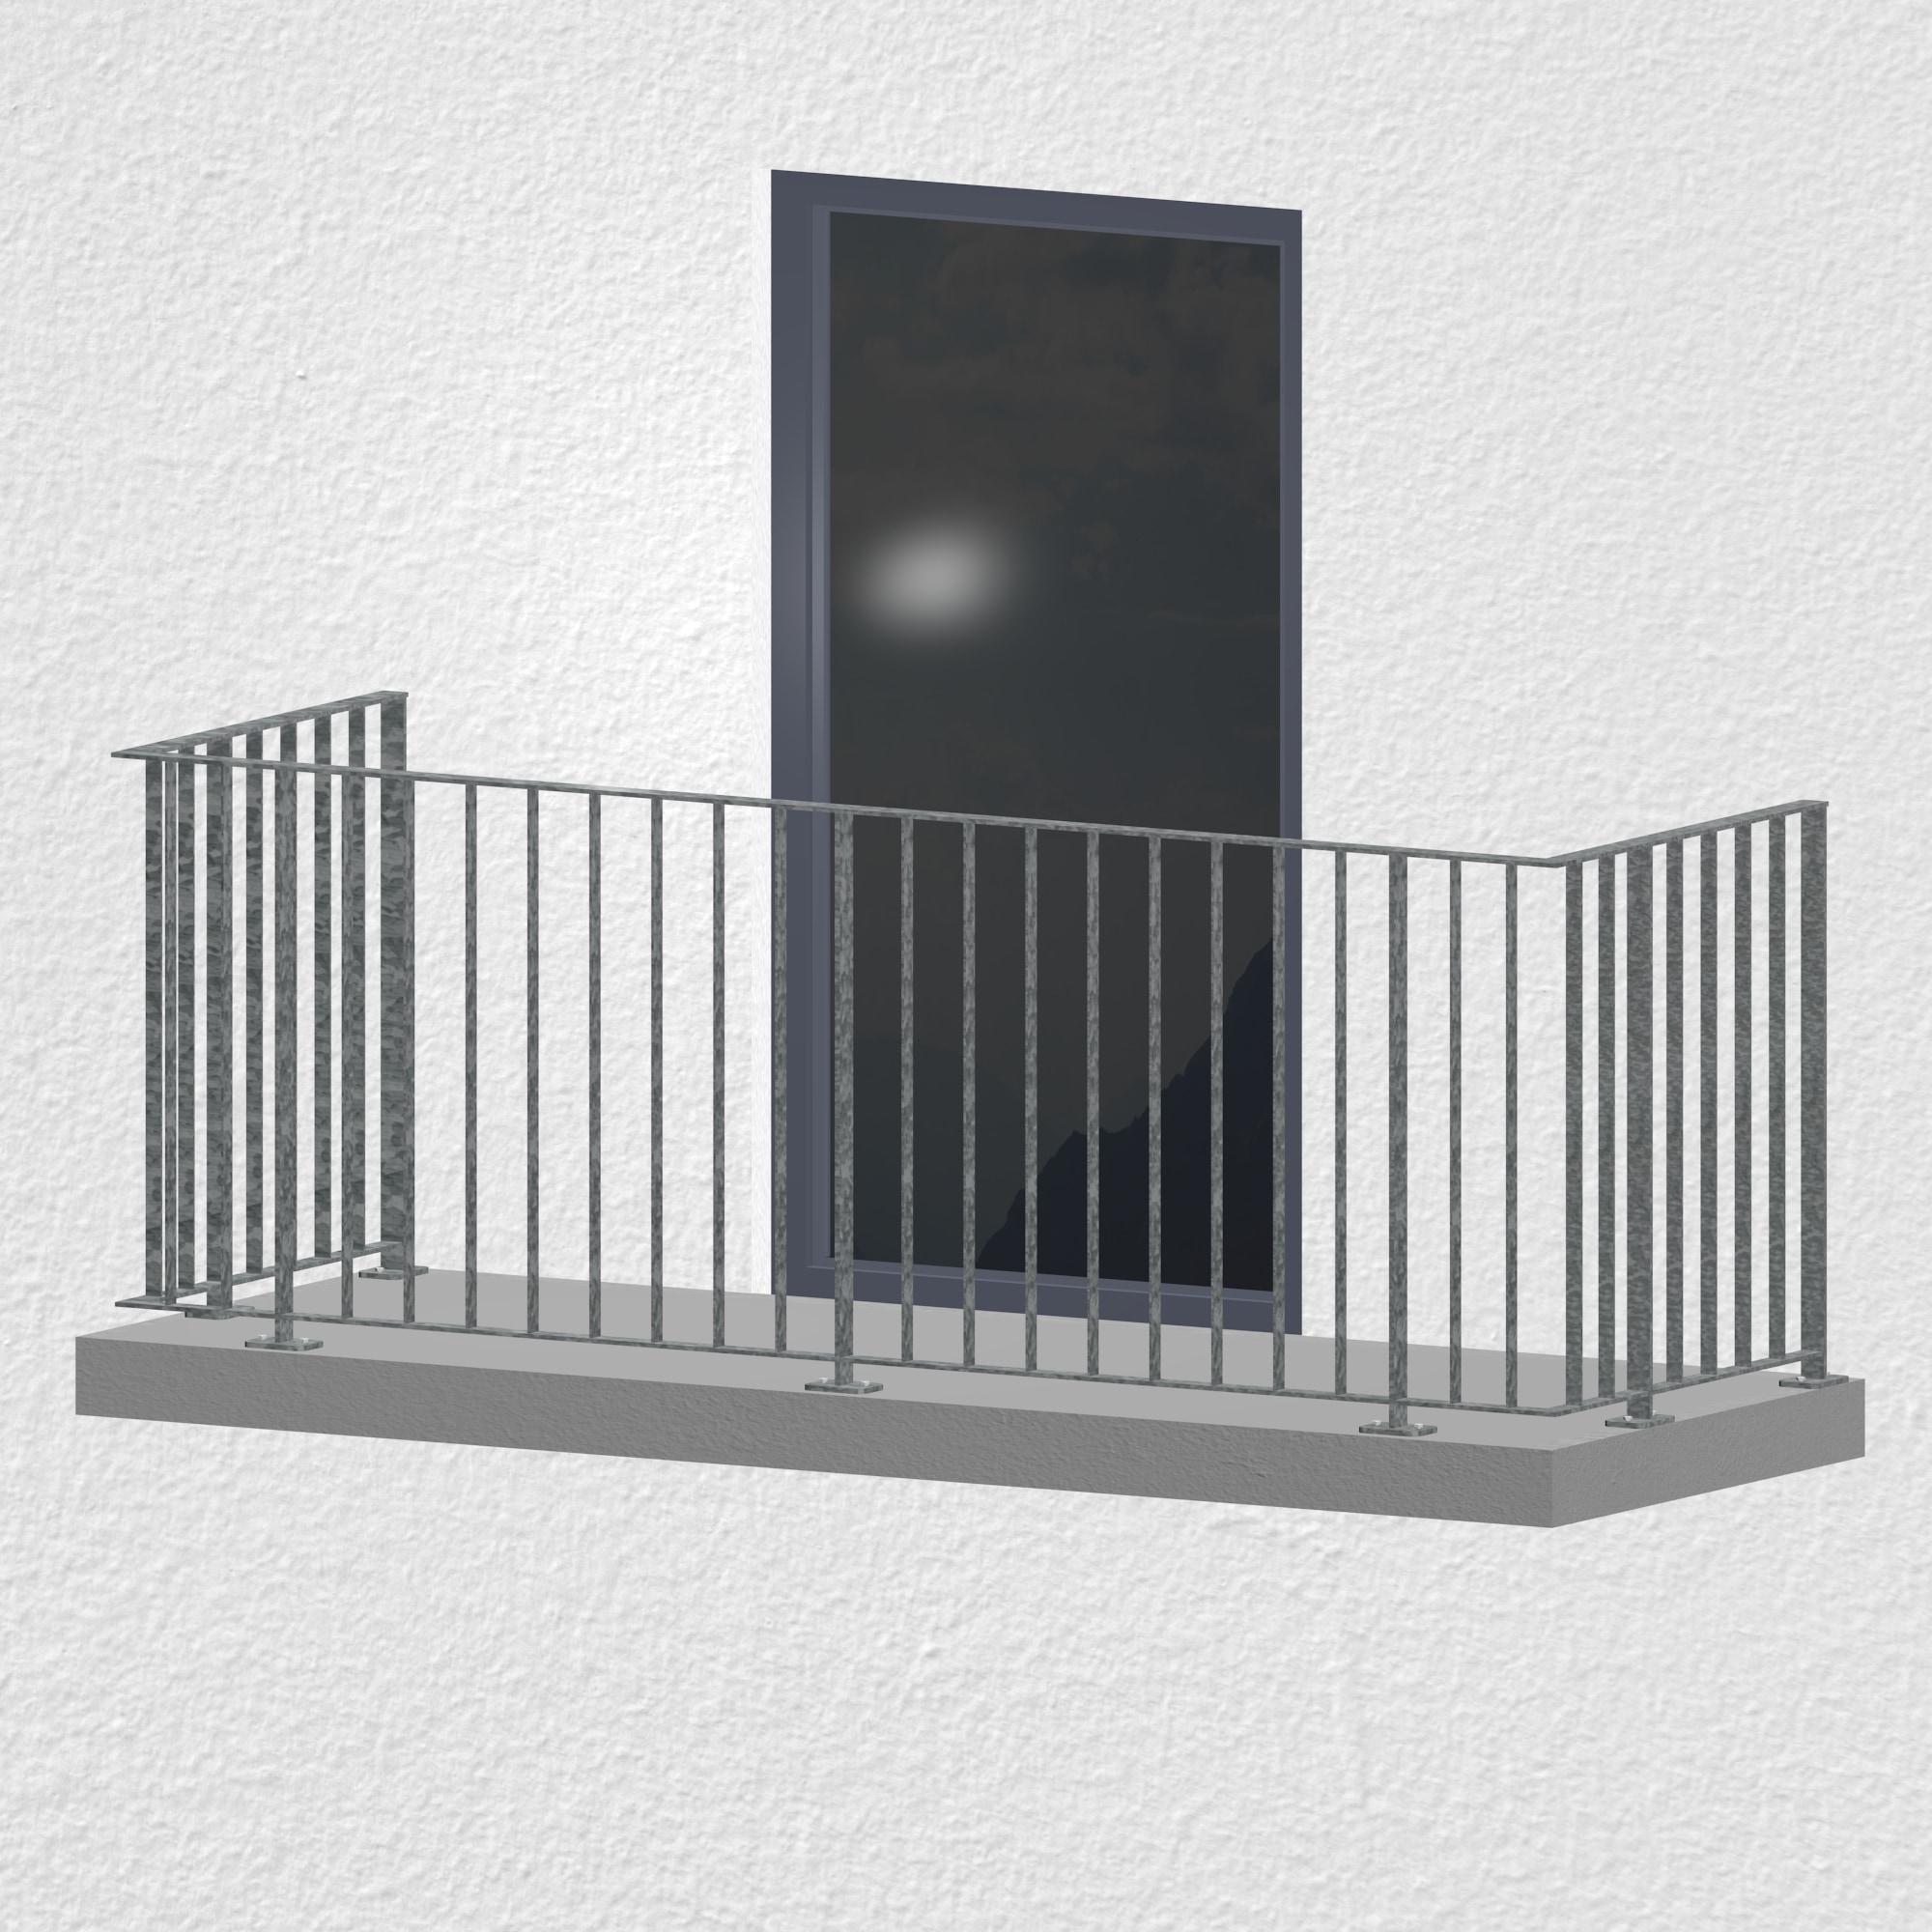 Balkongeländer verzinkt Flachstahl Modern